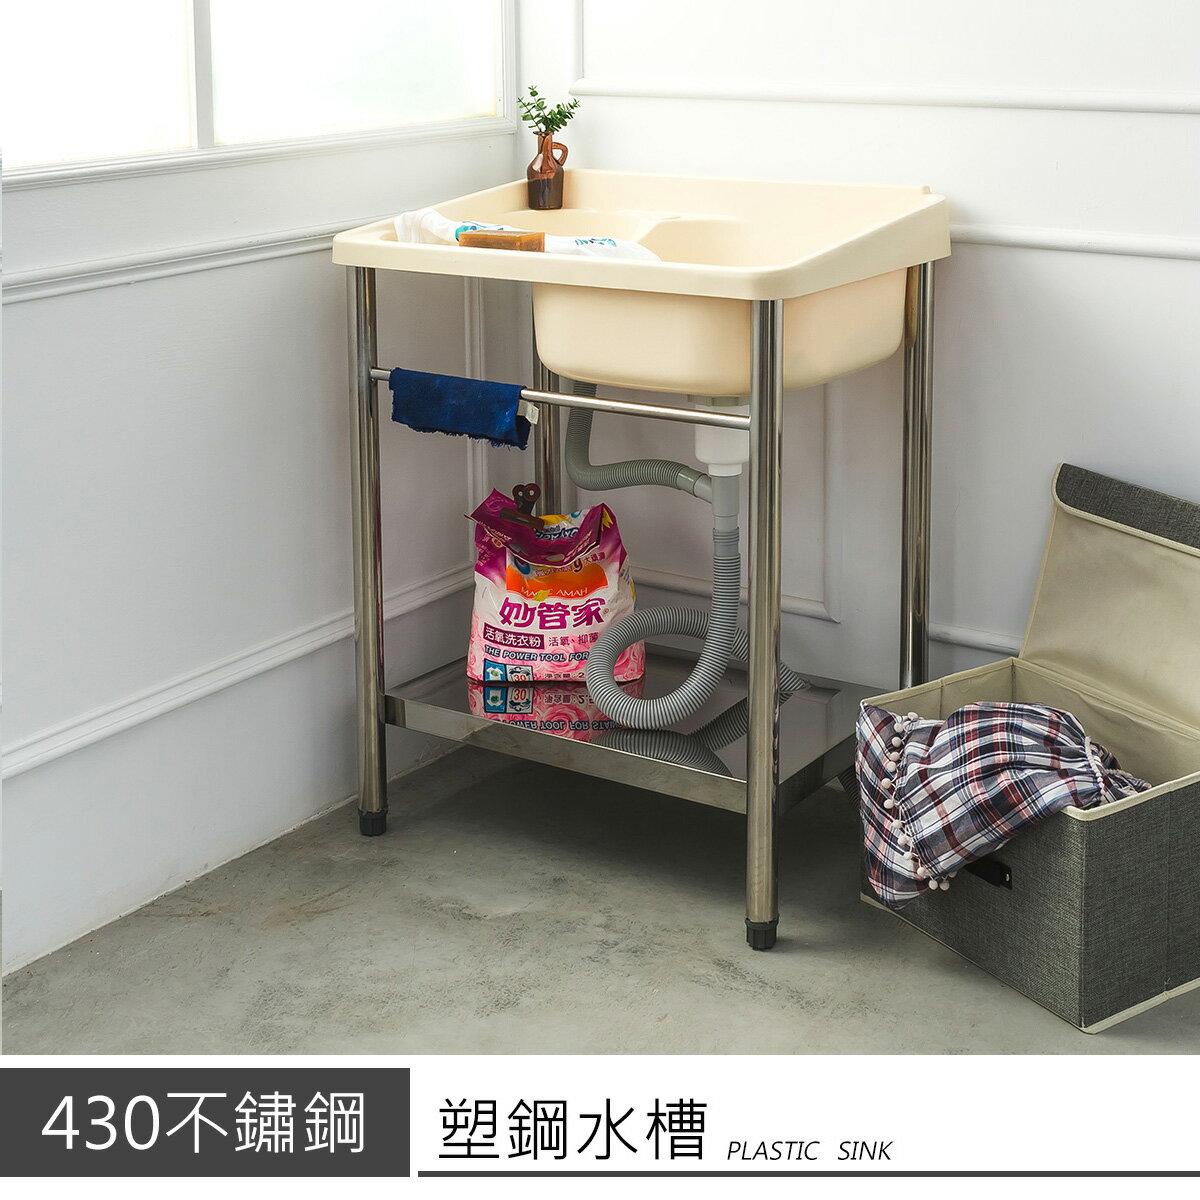 【dayneeds】FRP 塑鋼洗衣槽 玻璃纖維 流理臺 不鏽鋼水槽